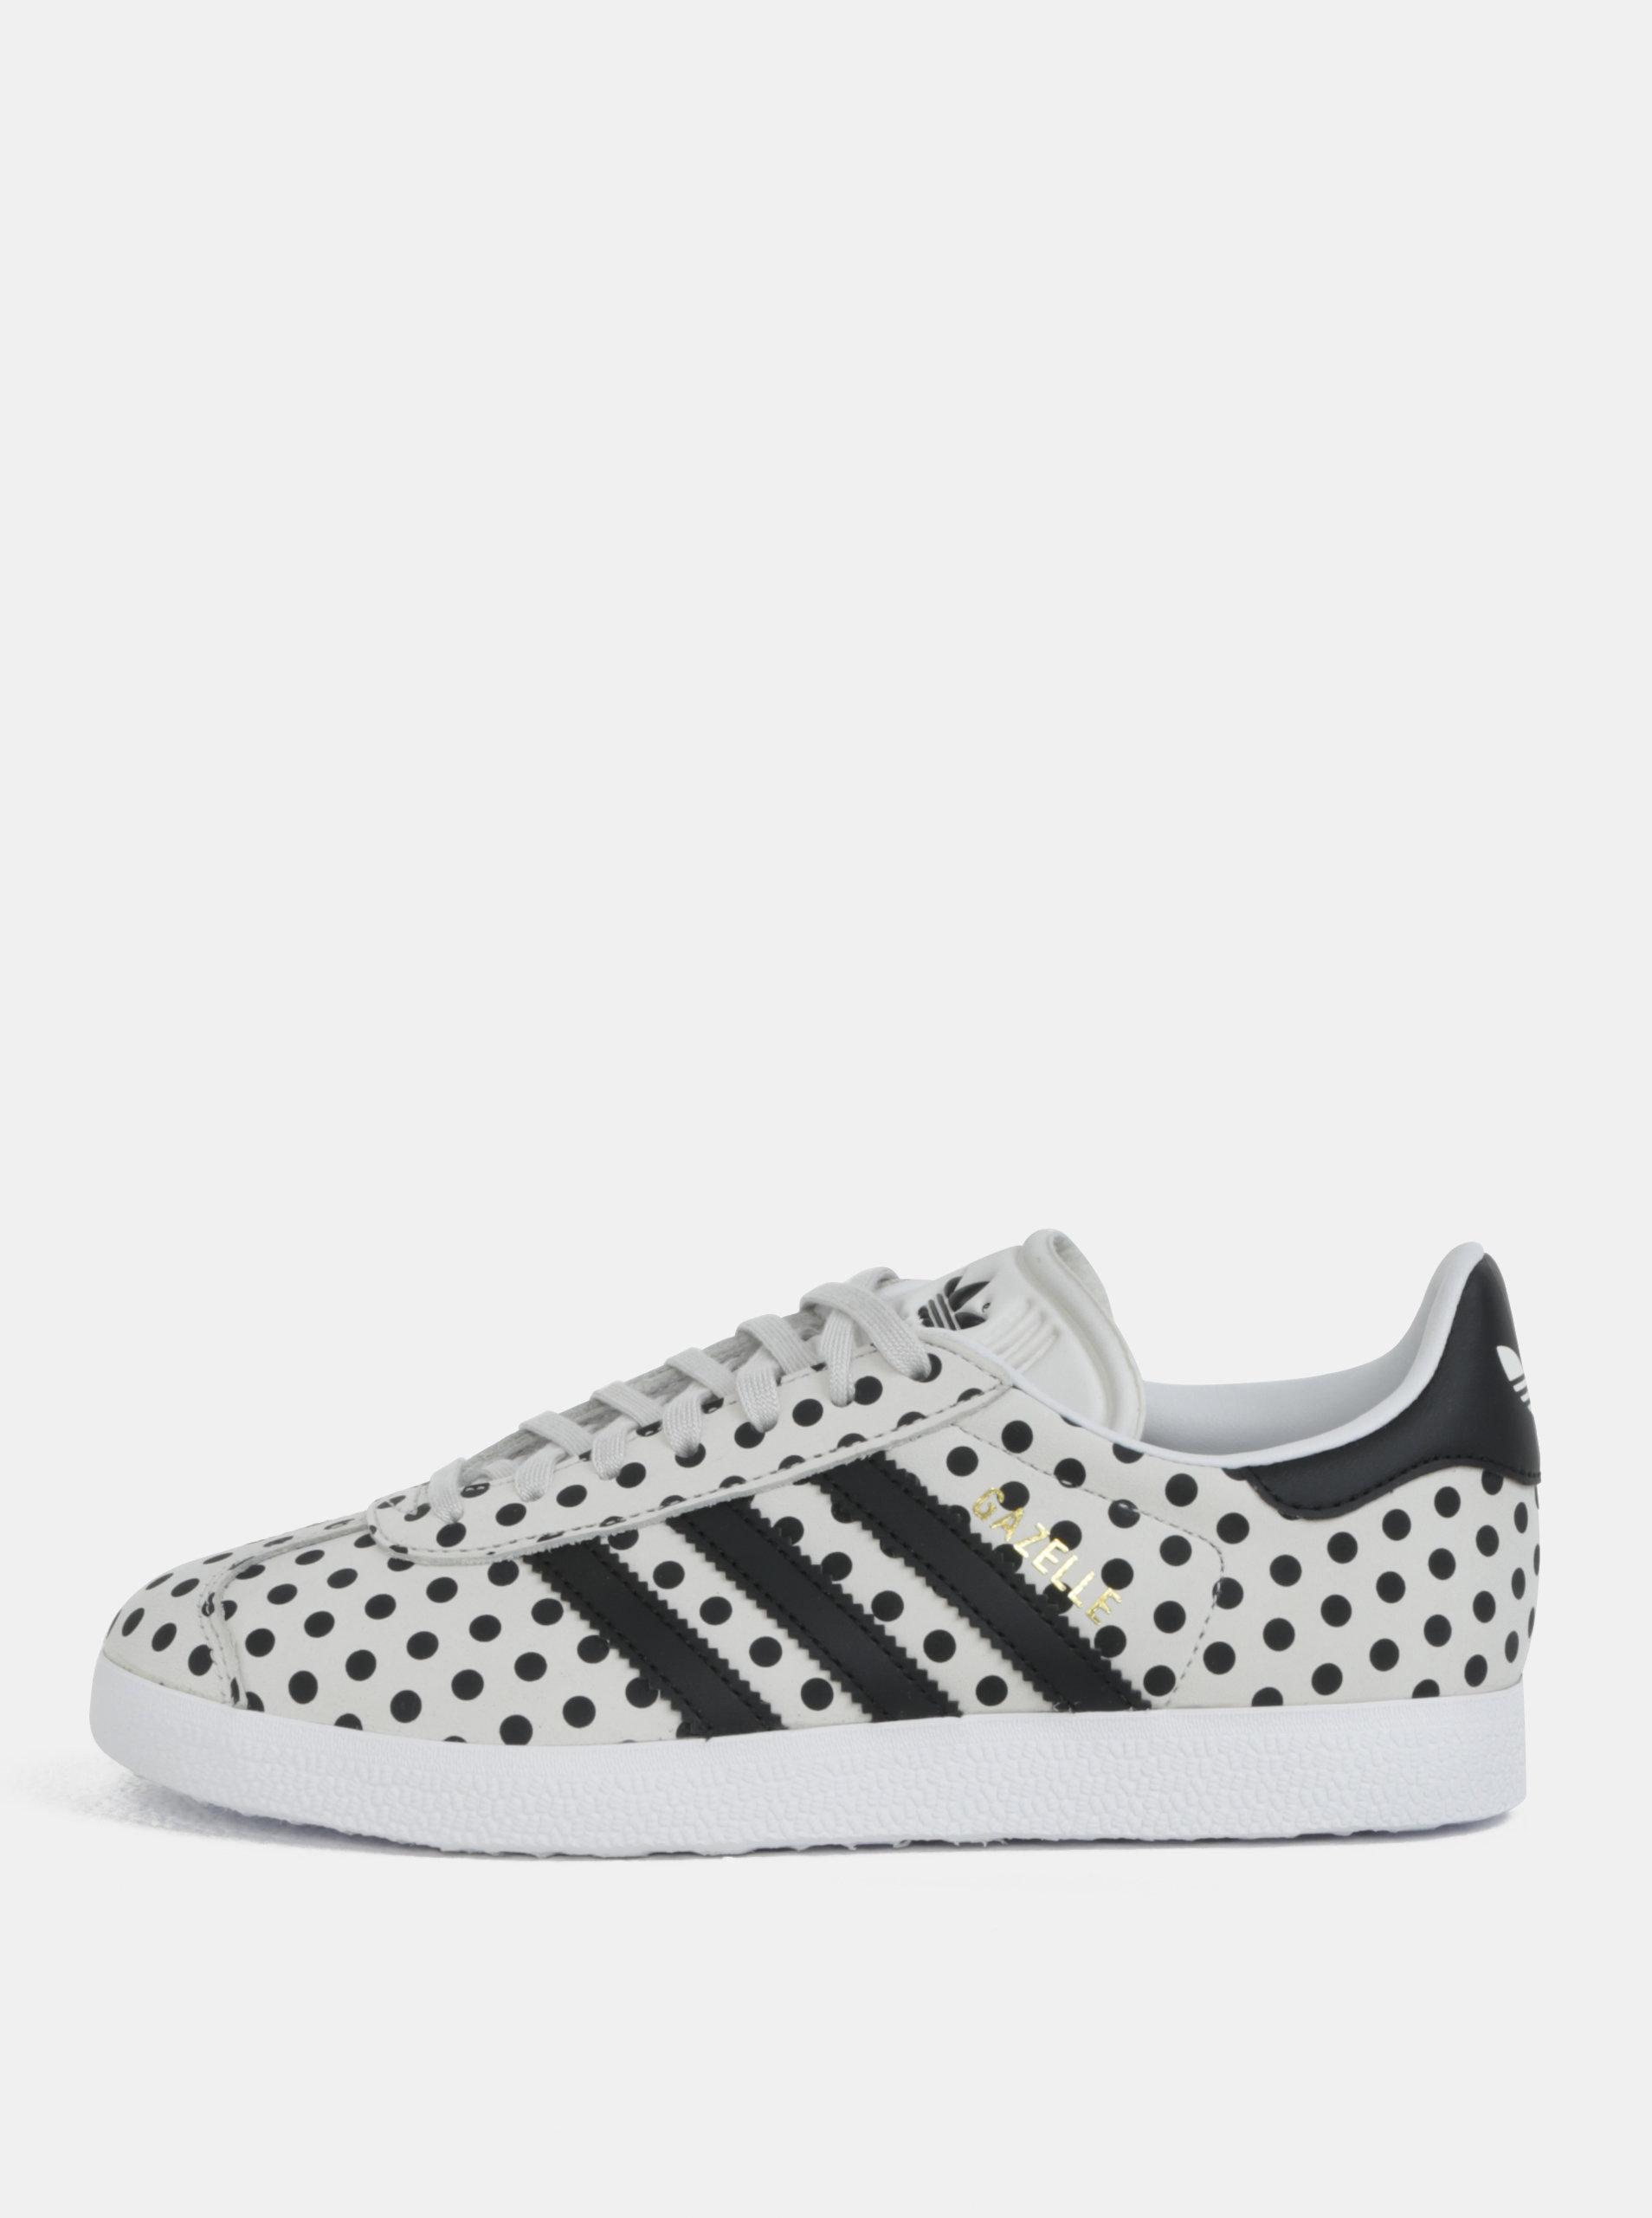 Sivé dámske bodkované kožené tenisky adidas Originals Gazelle ... 7ecc07625a7